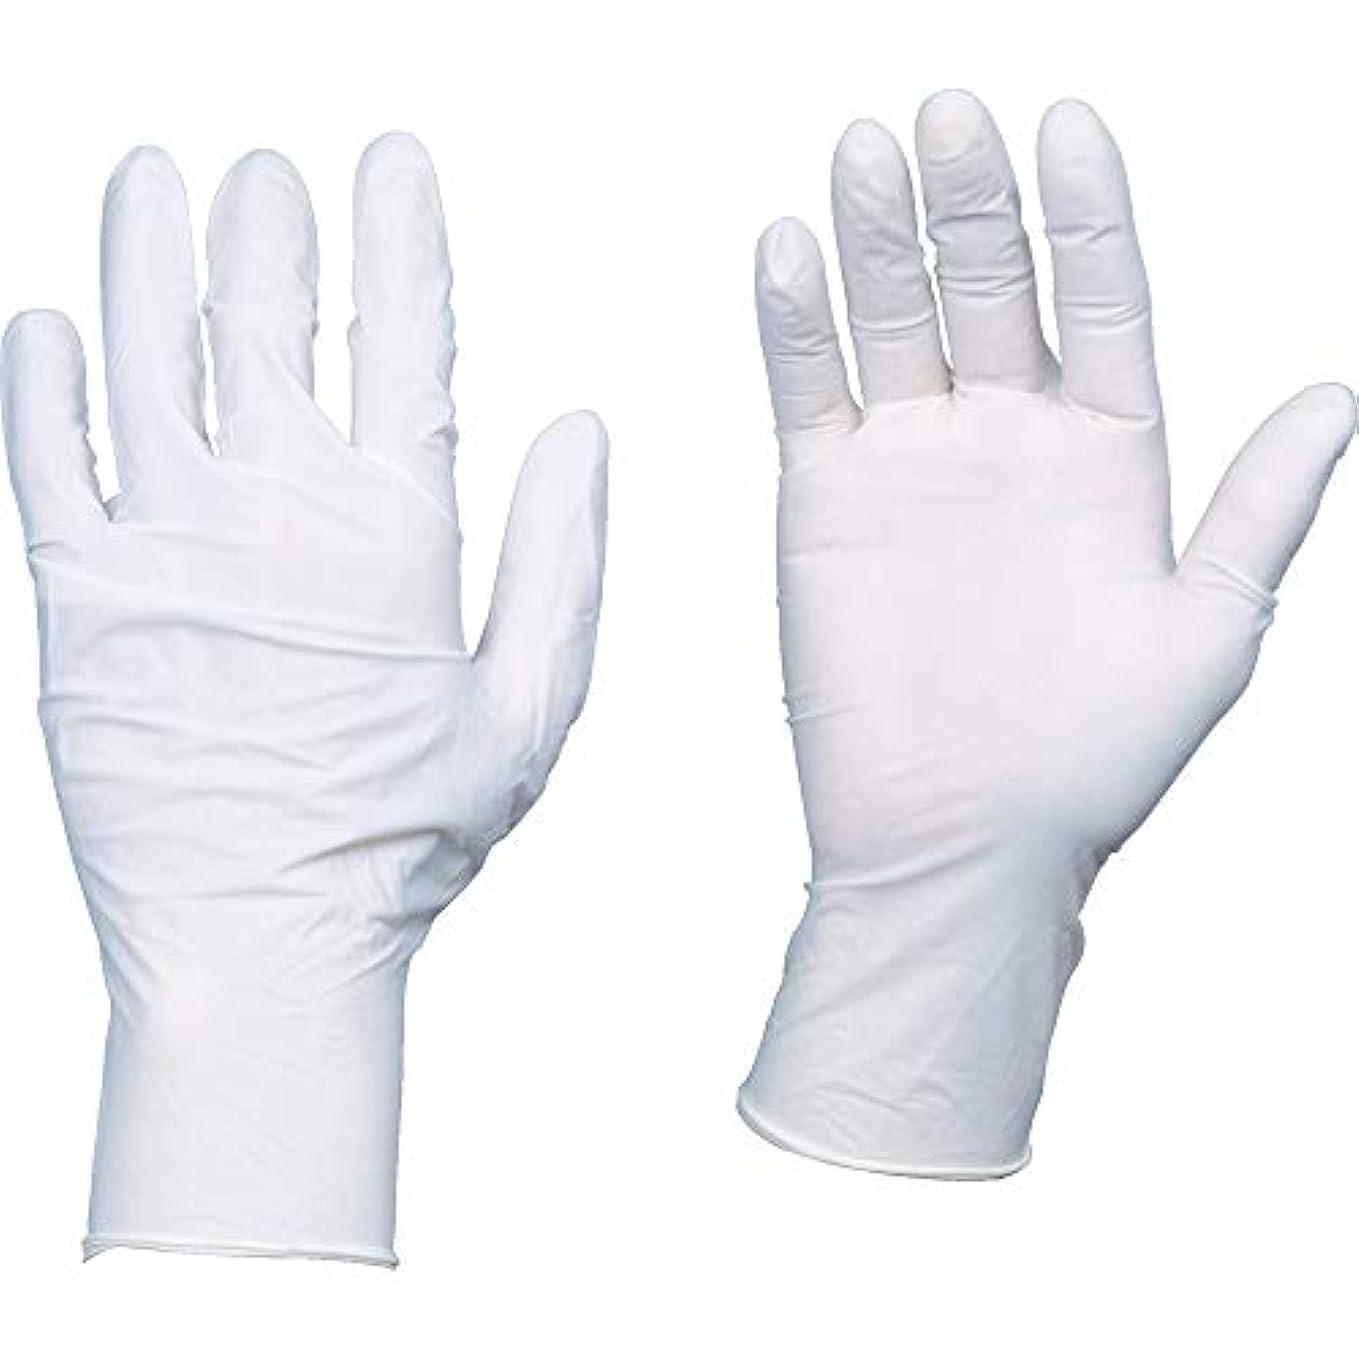 チョーク差し控えるいらいらさせるTRUSCO(トラスコ) 10箱入り 使い捨て天然ゴム手袋TGワーク 0.10 粉付白L TGPL10WL10C